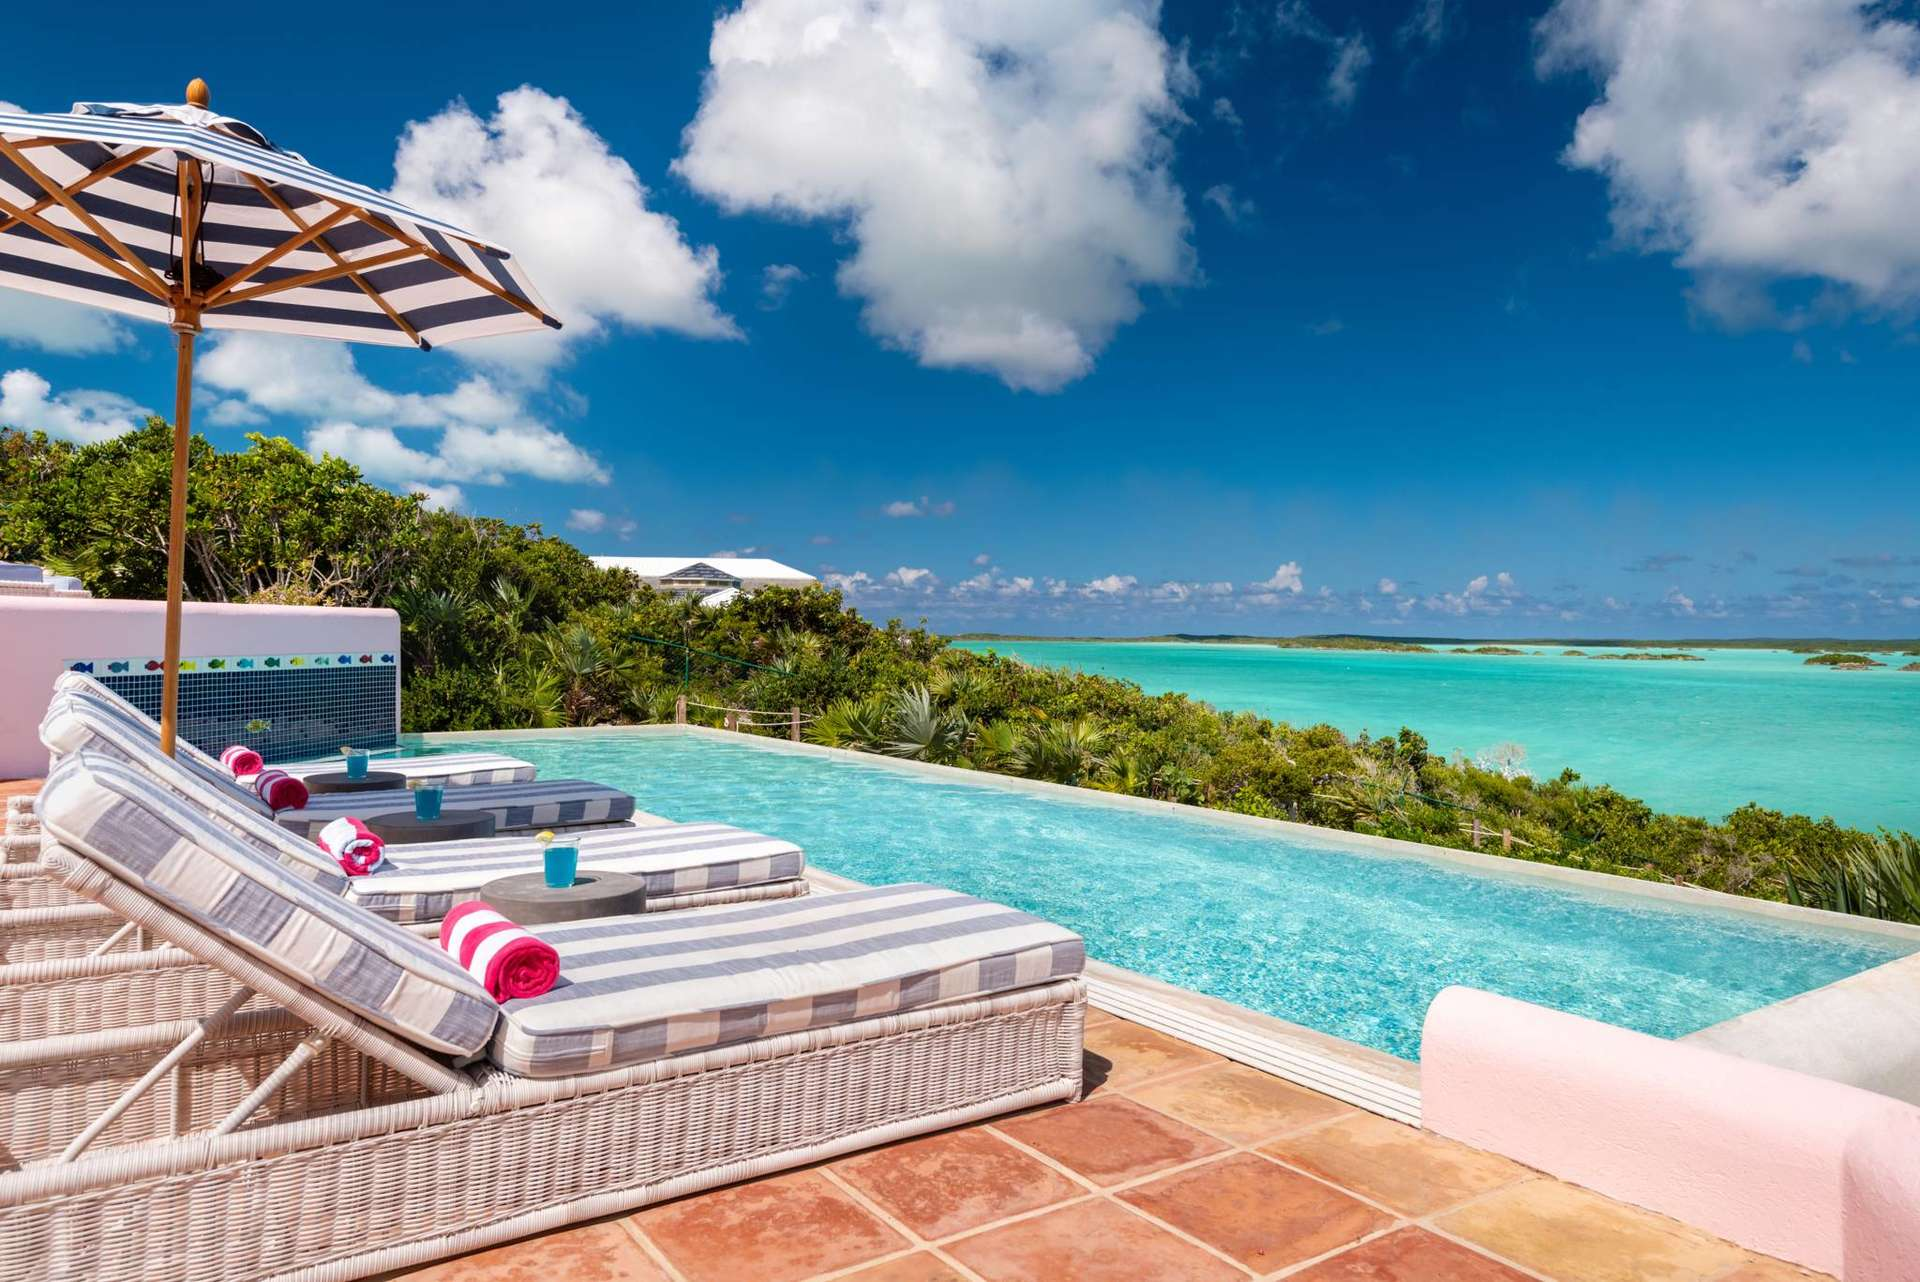 Luxury villa rentals caribbean - Turks and caicos - Providenciales - Chalk sound - Aqua Pulchra - Image 1/29